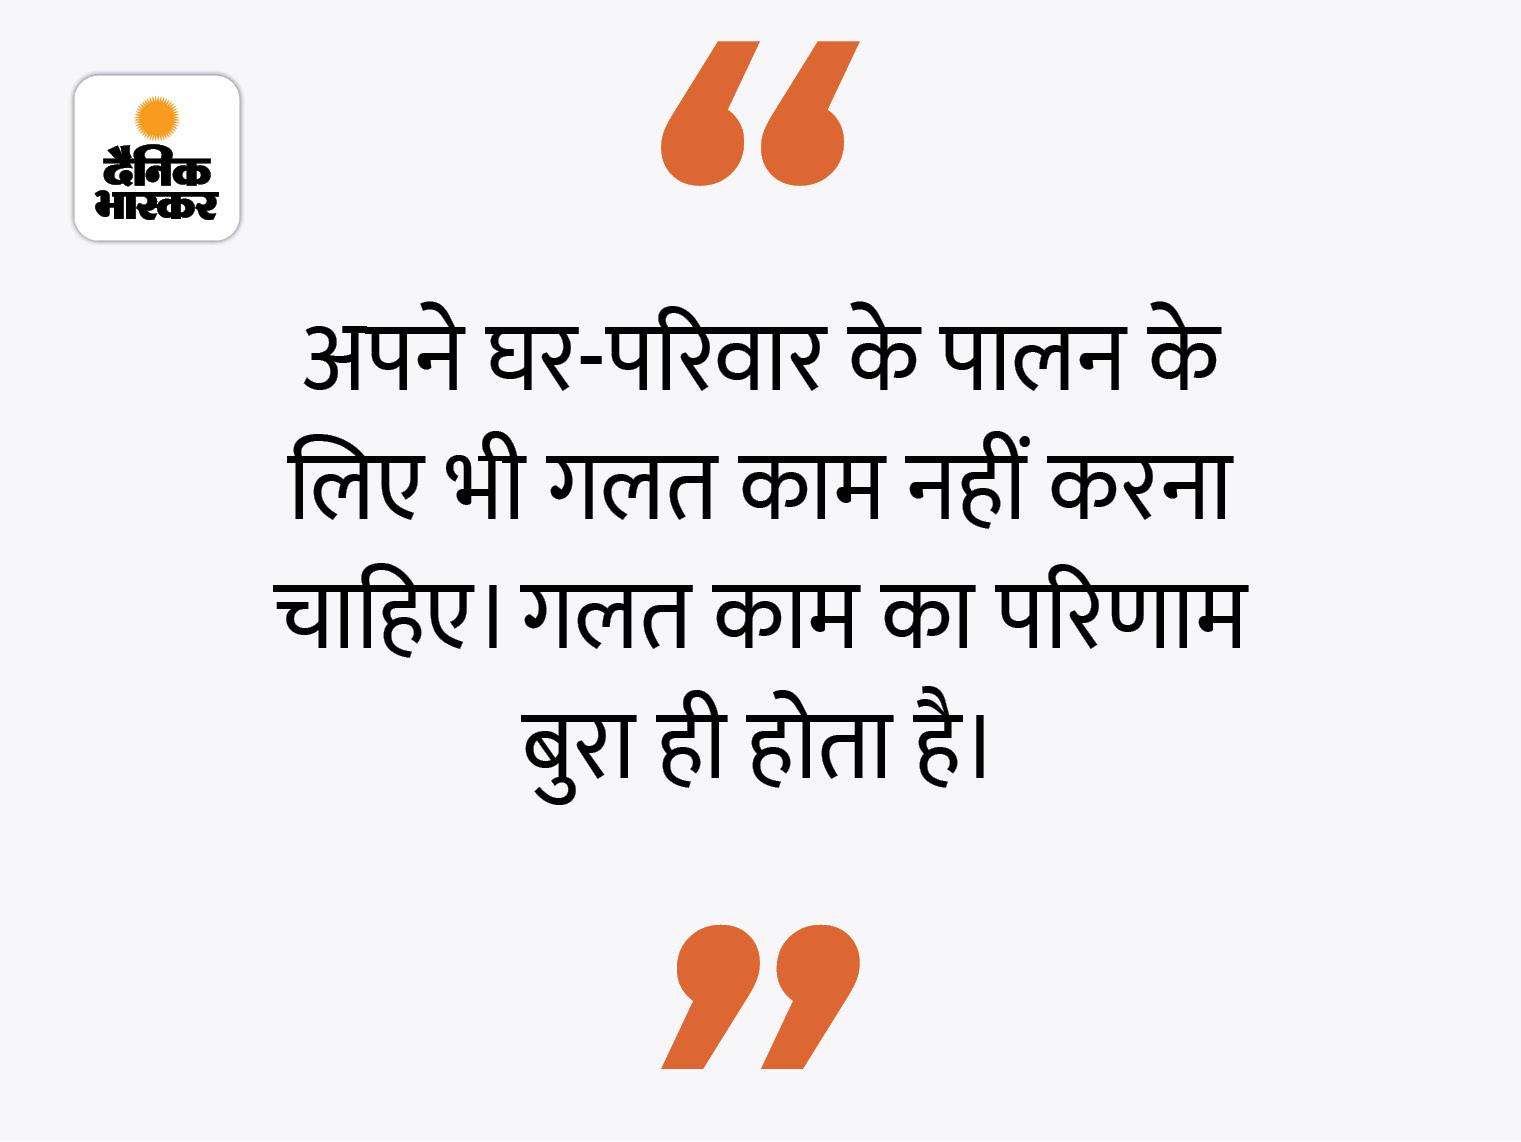 अगर कोई विद्वान व्यक्ति सलाह देता है तो उसे मान लेना चाहिए|धर्म,Dharm - Dainik Bhaskar